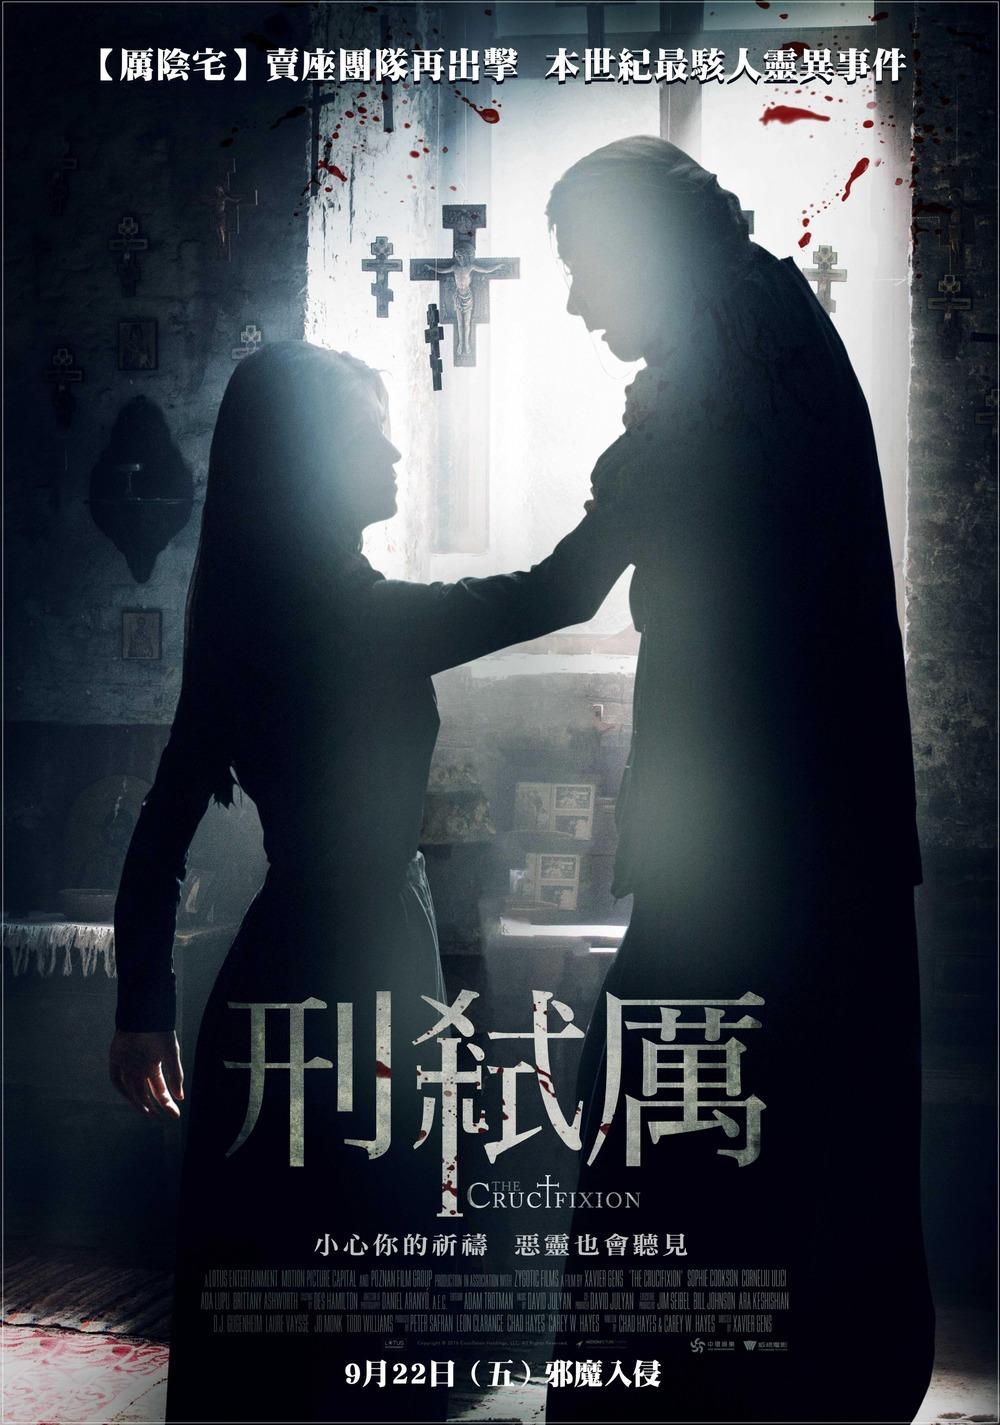 Crucifixion Film